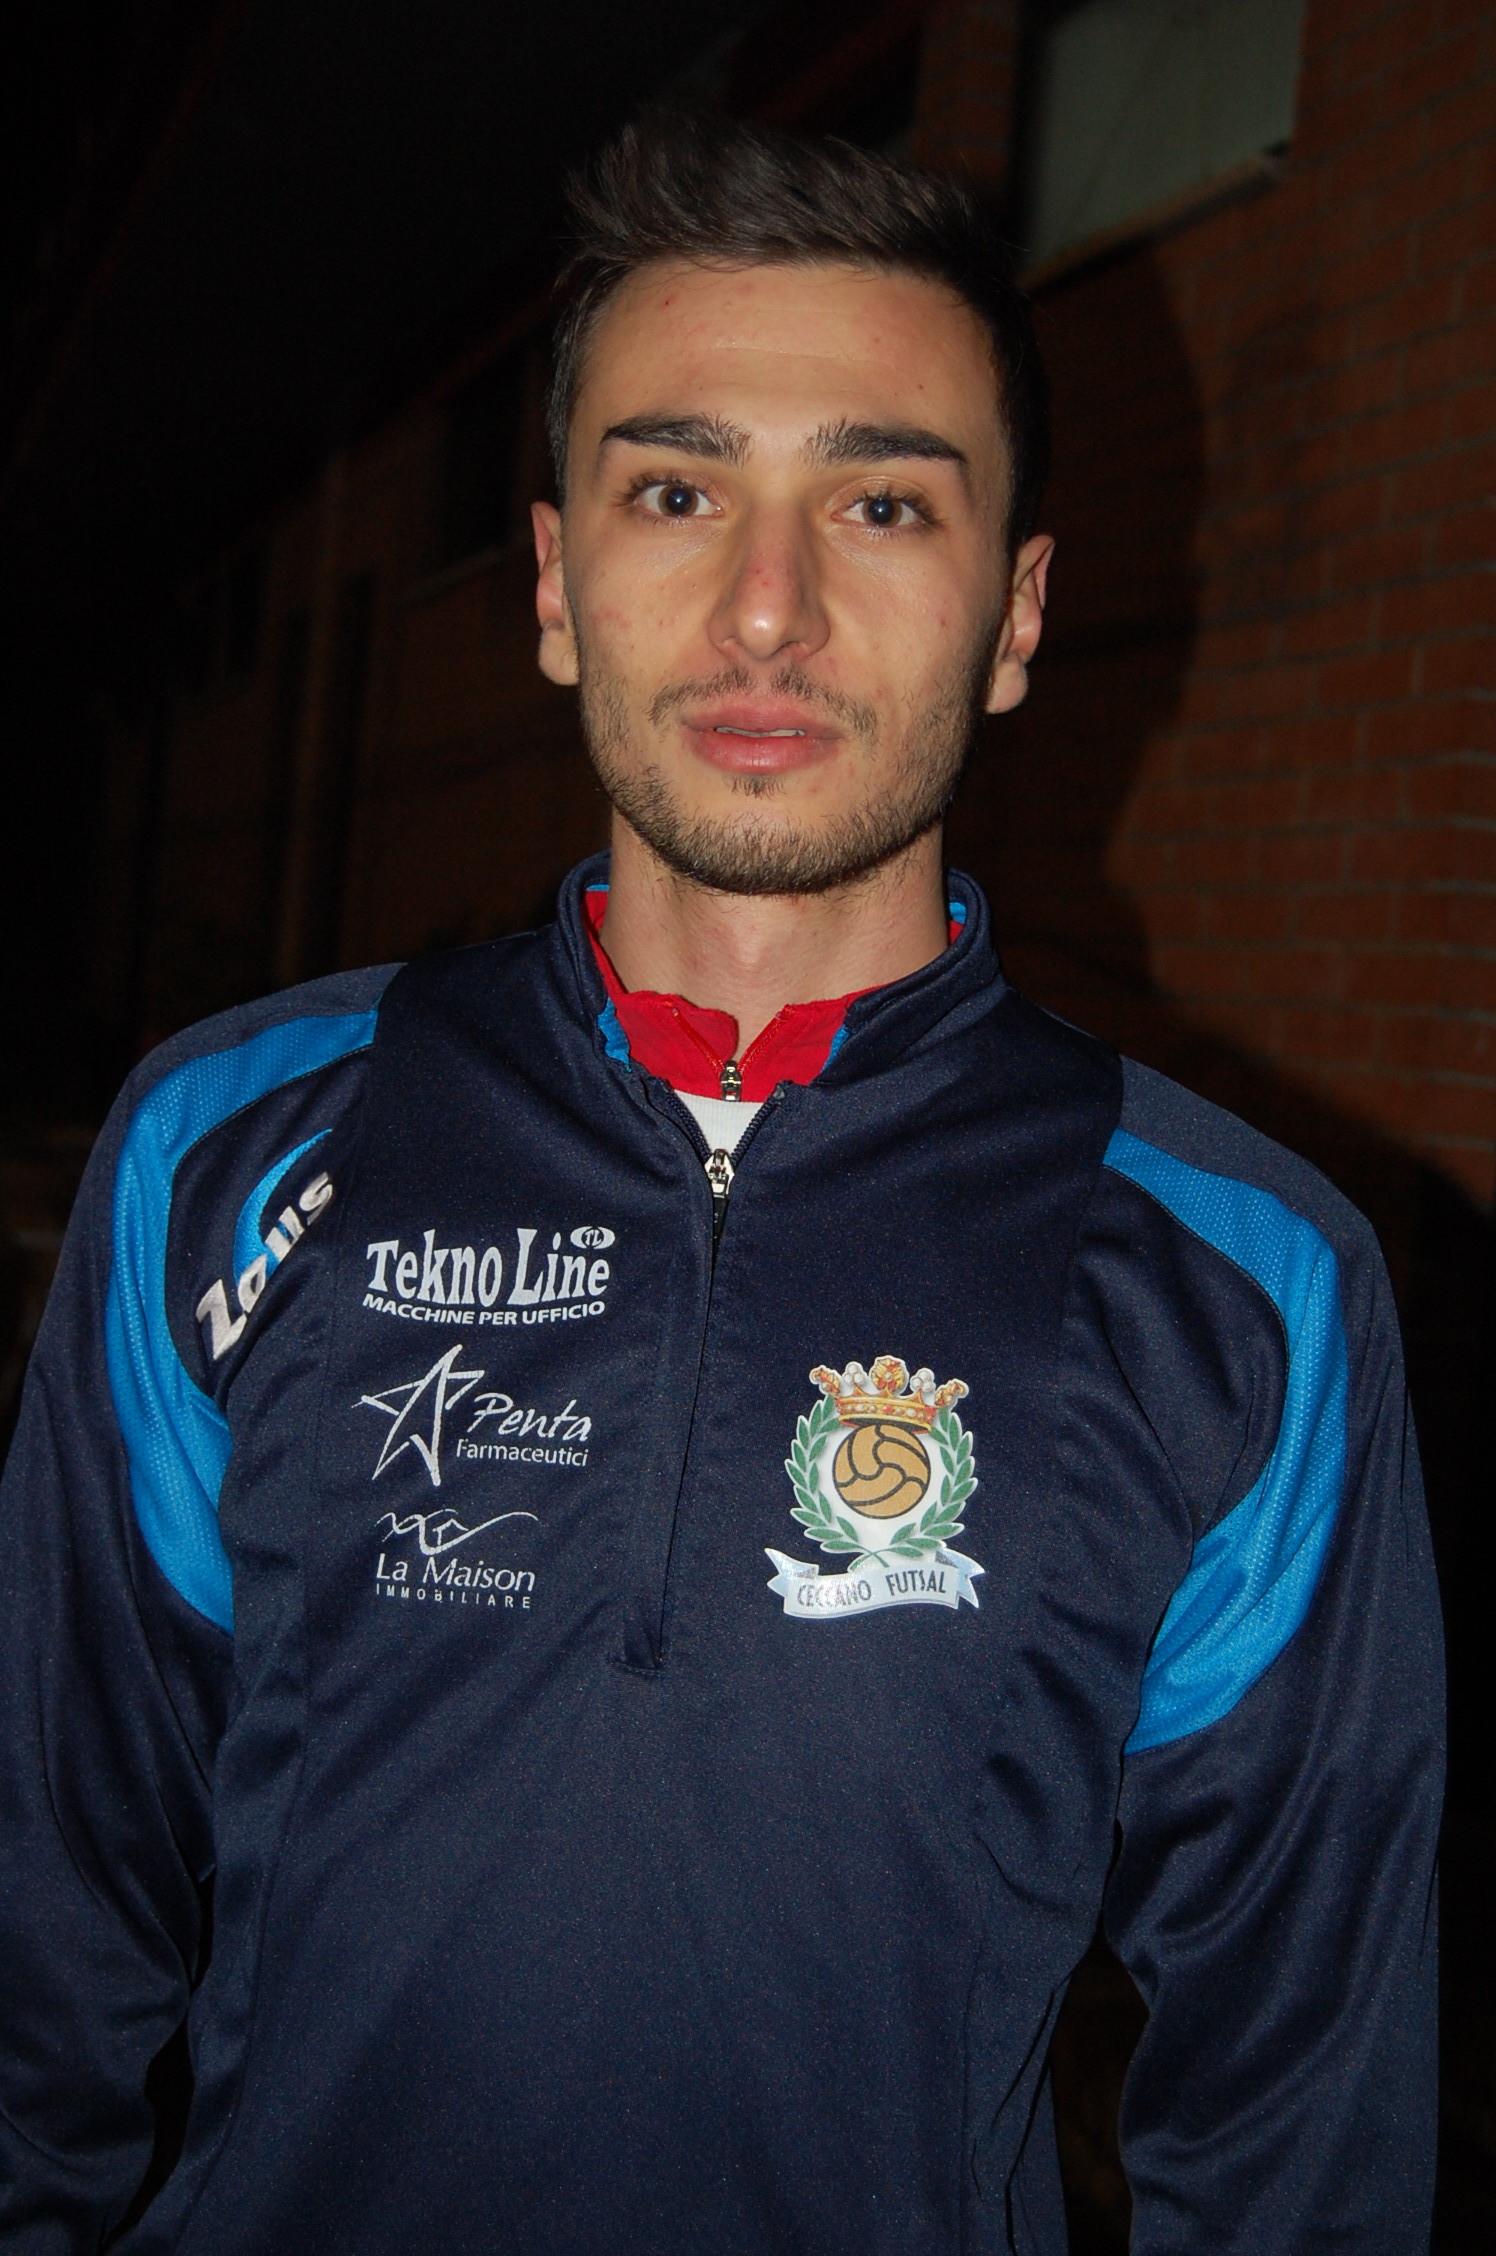 Colapietro Gianmarco